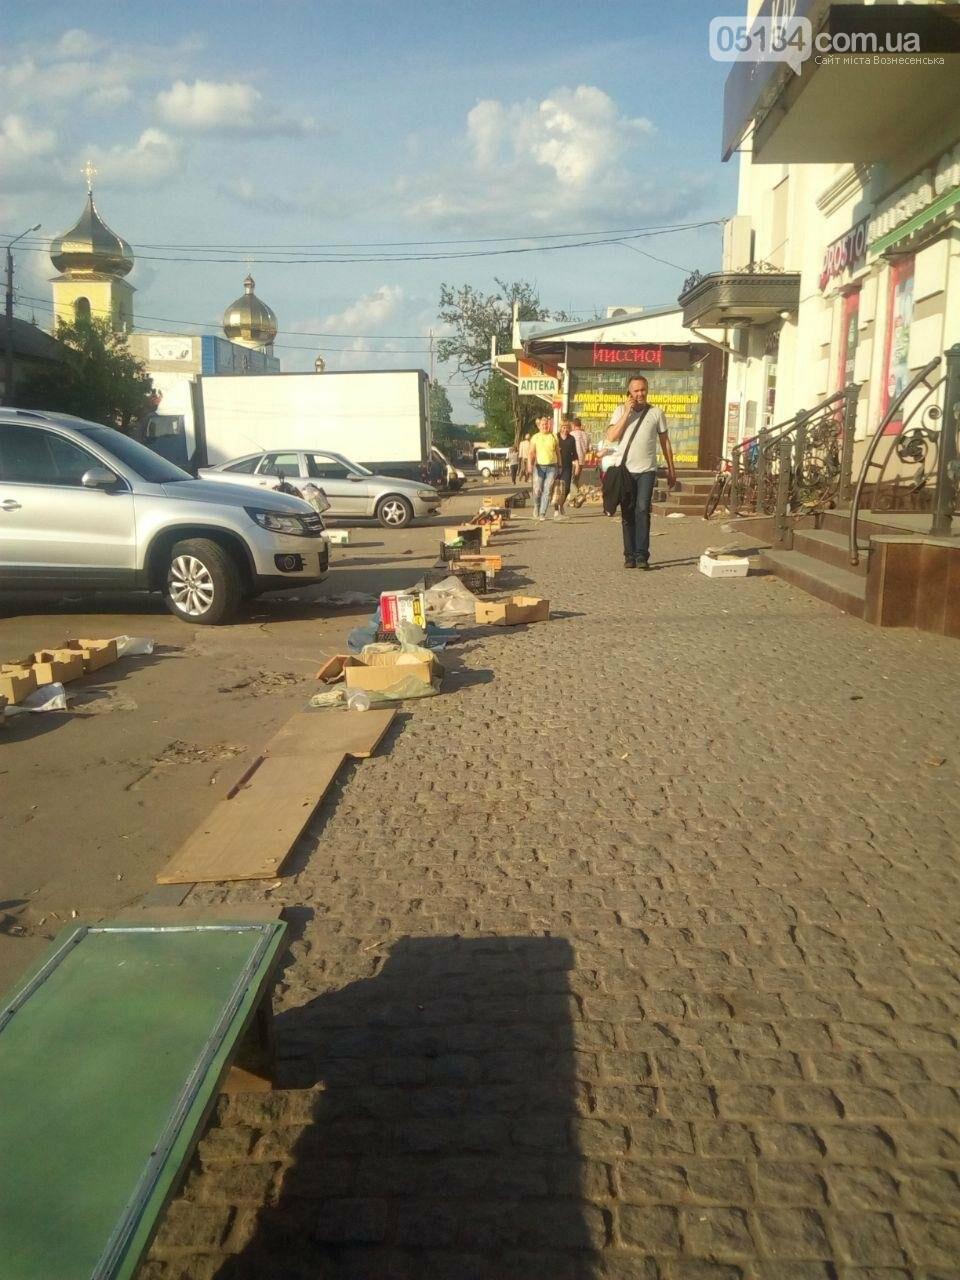 Засмічений тротуар та жахливий безлад: наслідки діяльності стихійного ринку у Вознесенську, - ФОТО, фото-1